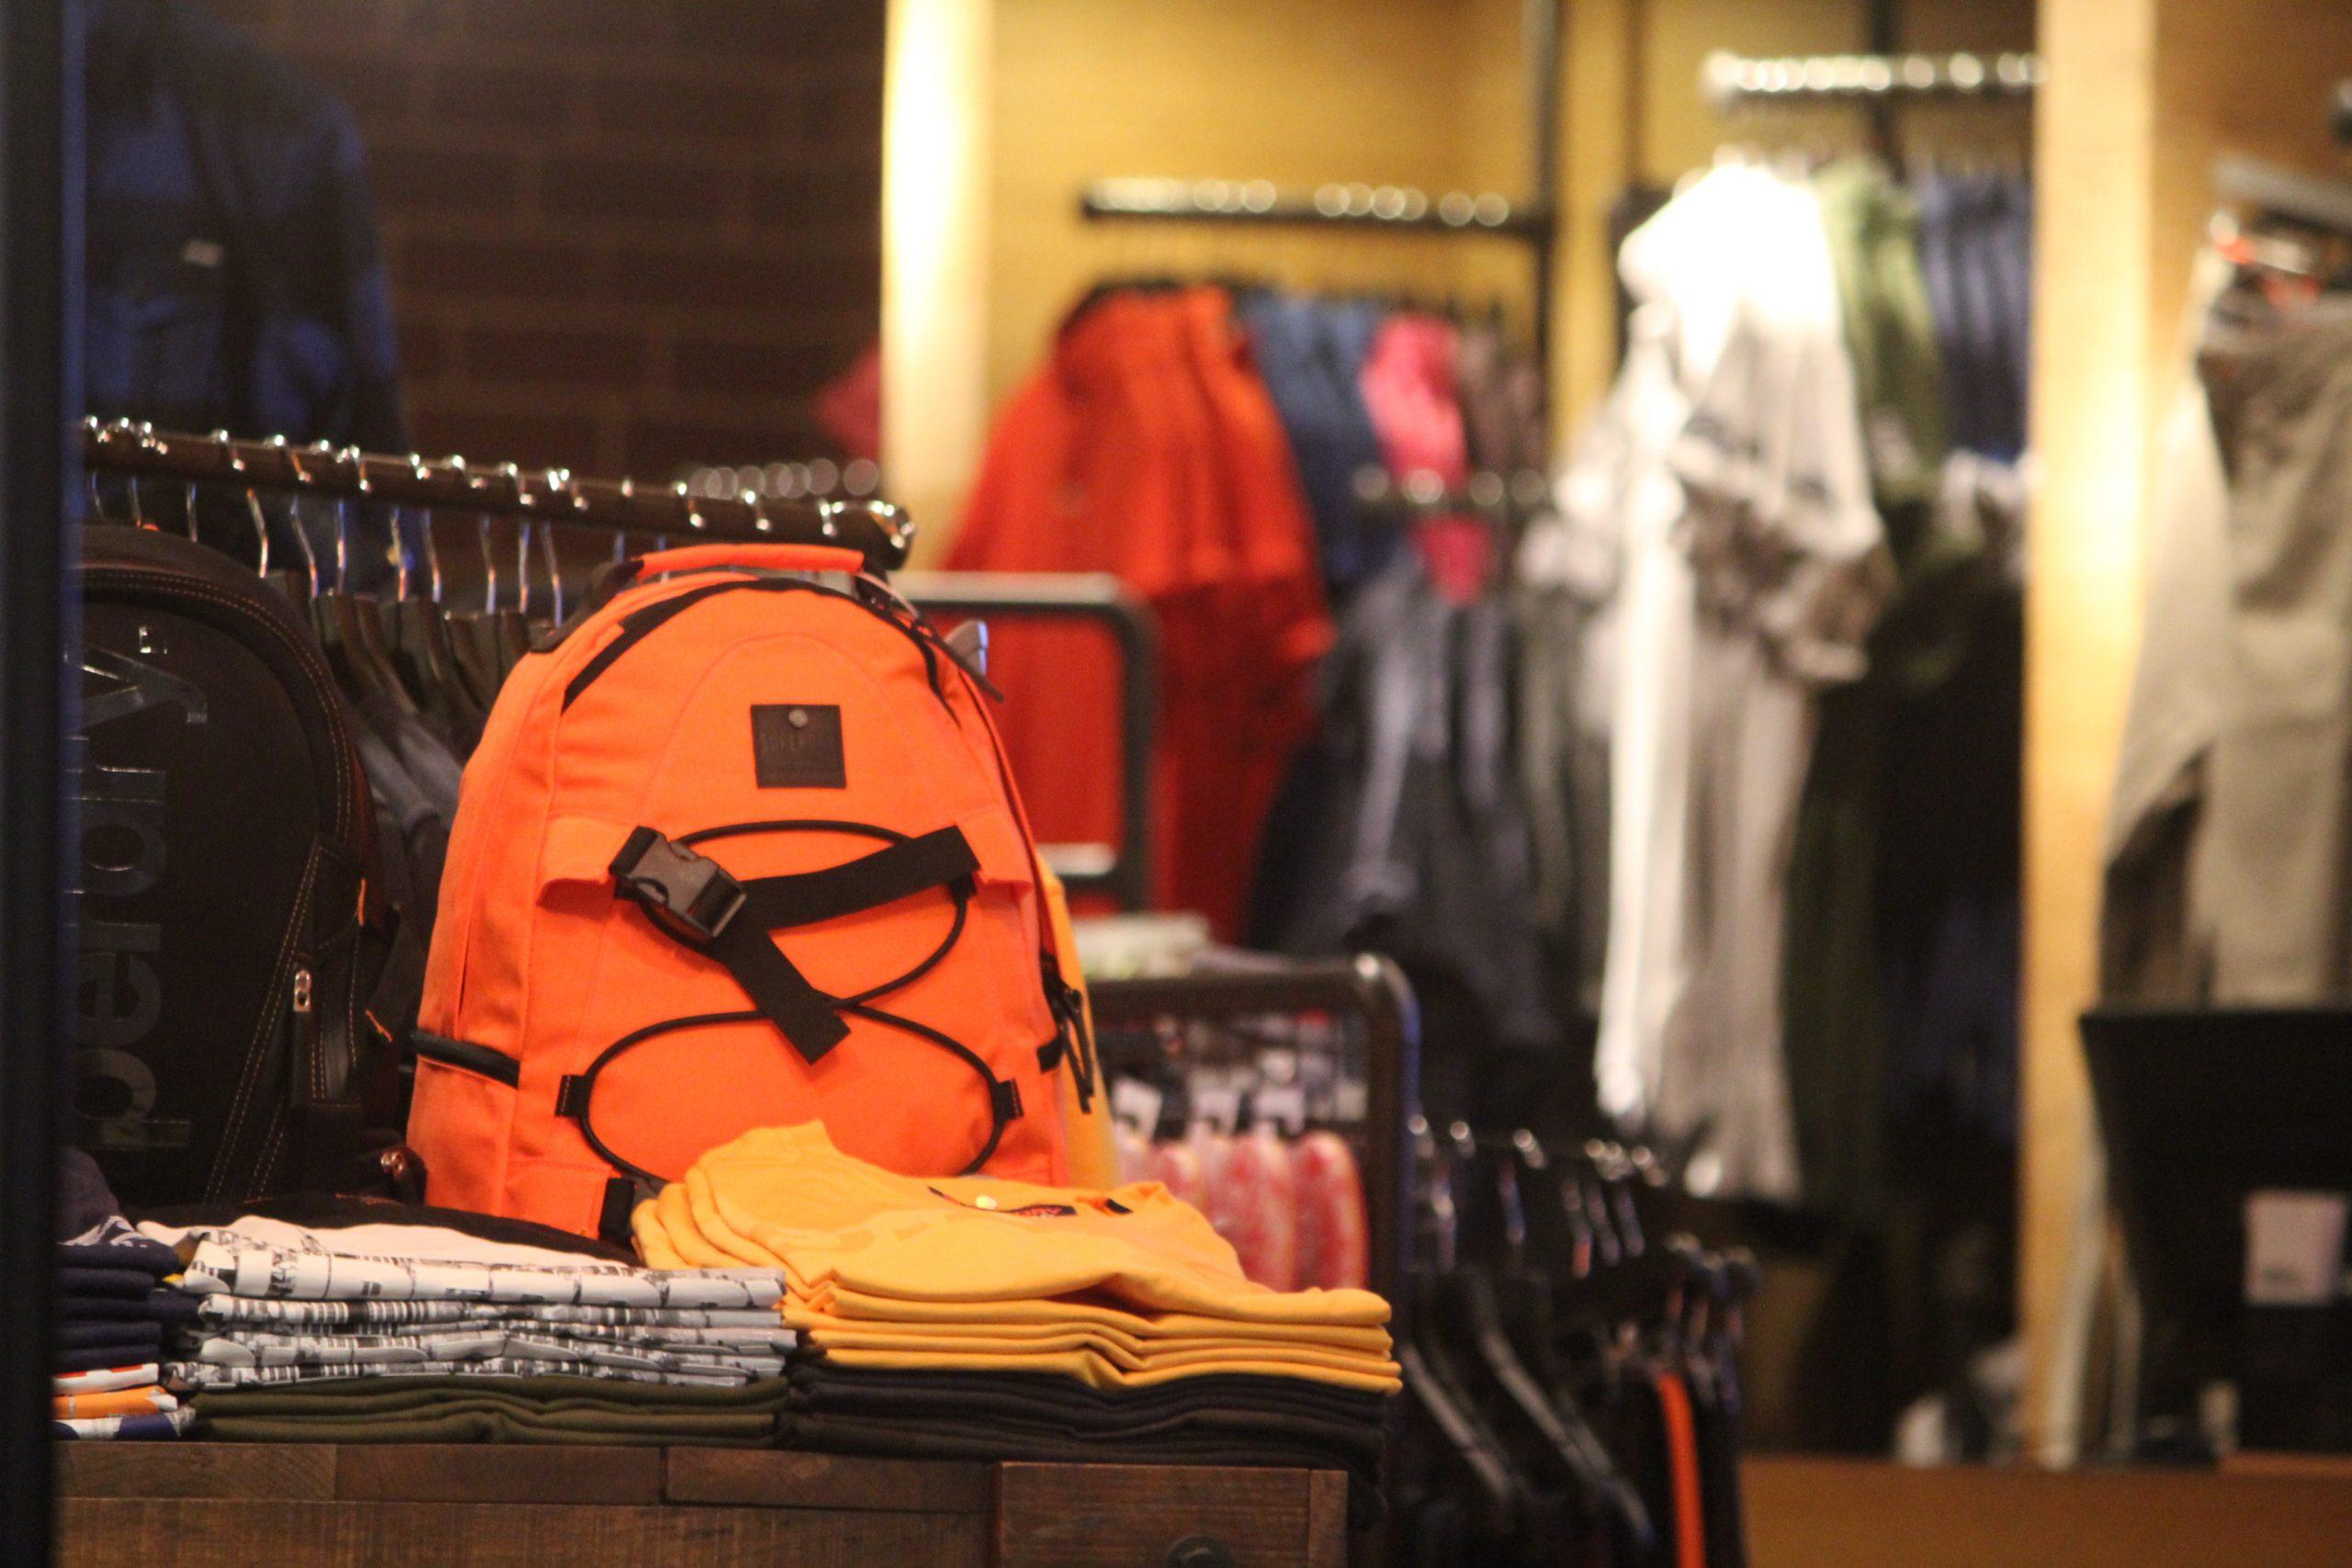 A bag at a shop